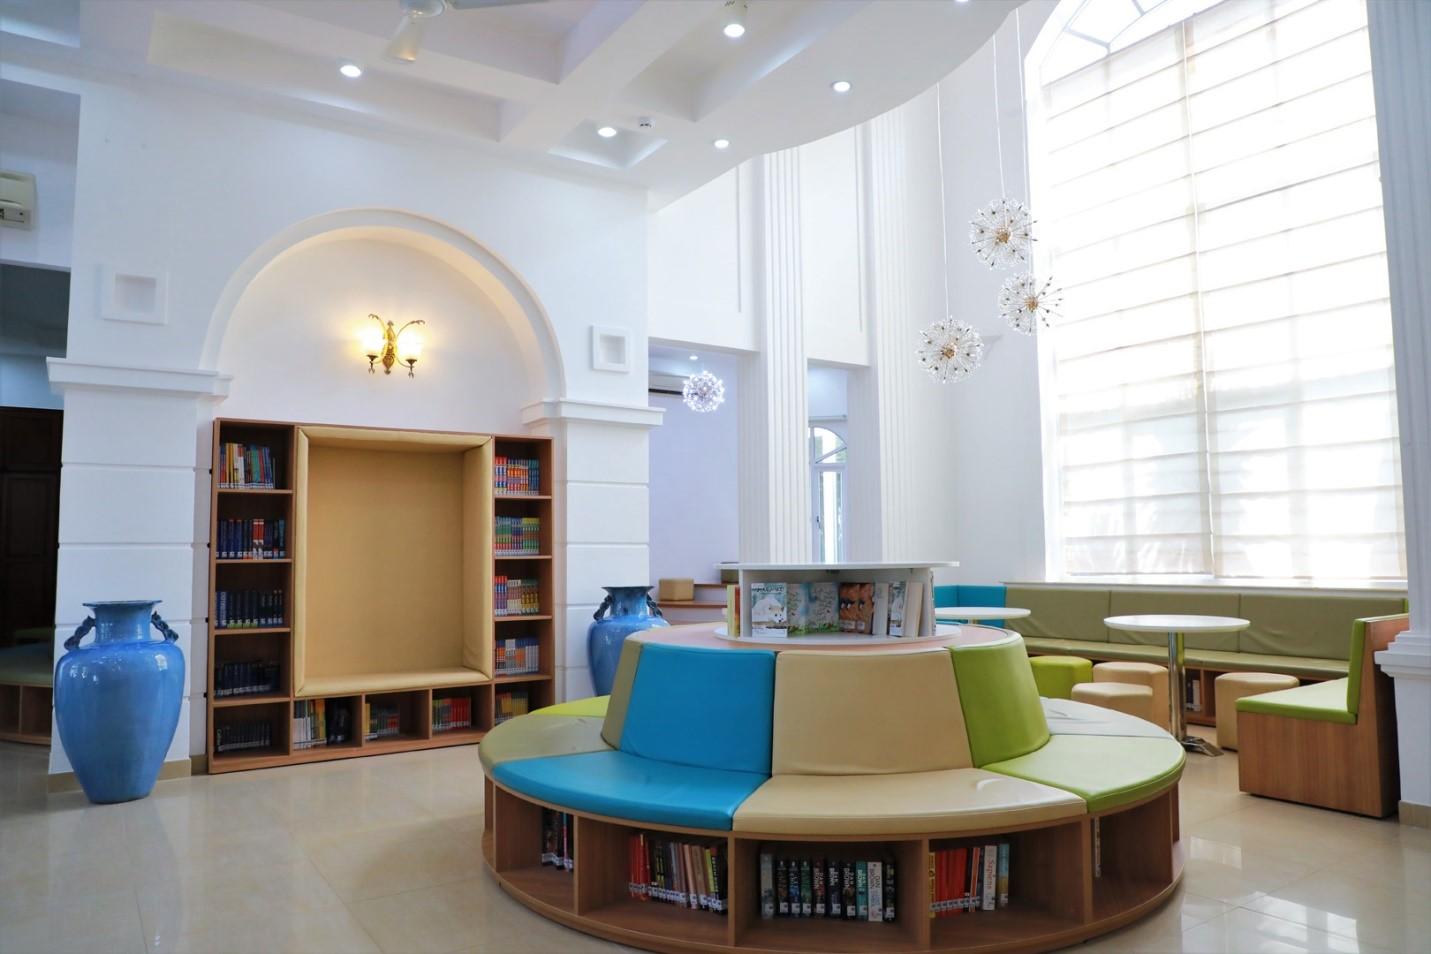 Mô hình thư viện sách và thư viện điện tử hiện đại theo hướng Learning Commons tại Asian Shool.